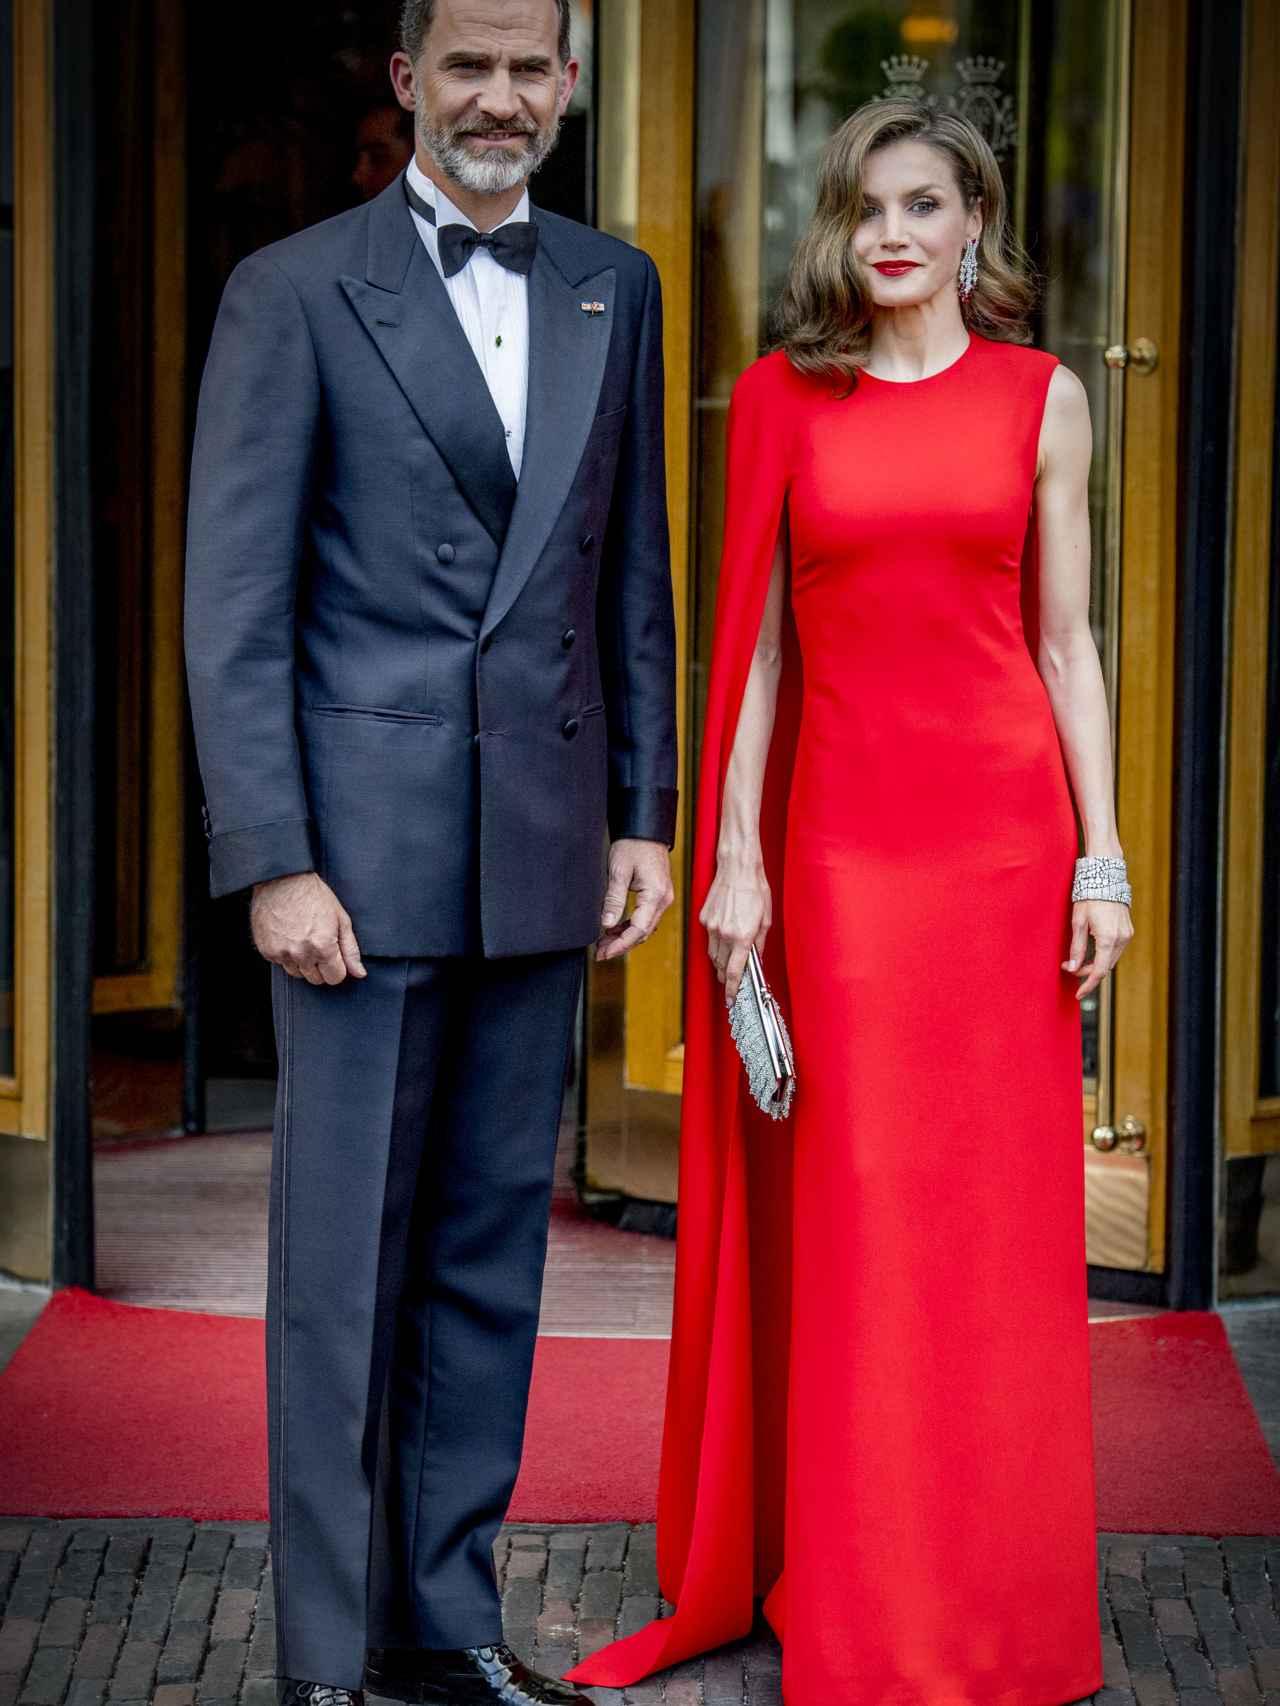 Los reyes Felipe y Letizia asisten a la fiesta privada de cumpleaños de Guillermo de Holanda